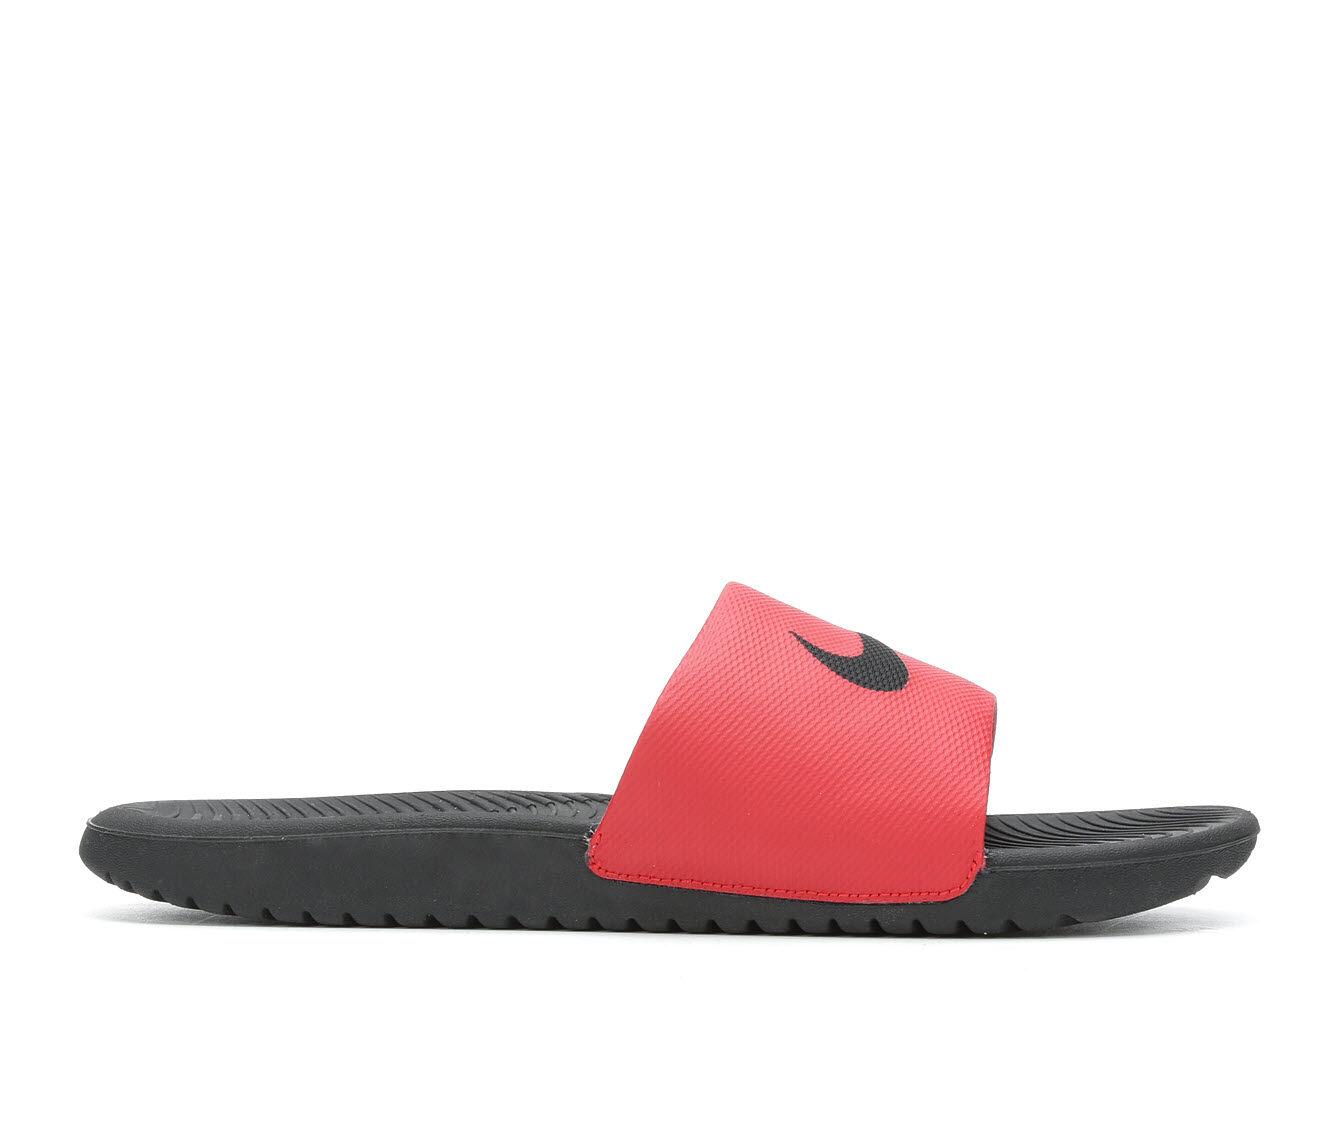 Men's Nike Kawa Slide Sport Slides Black/Univ Red